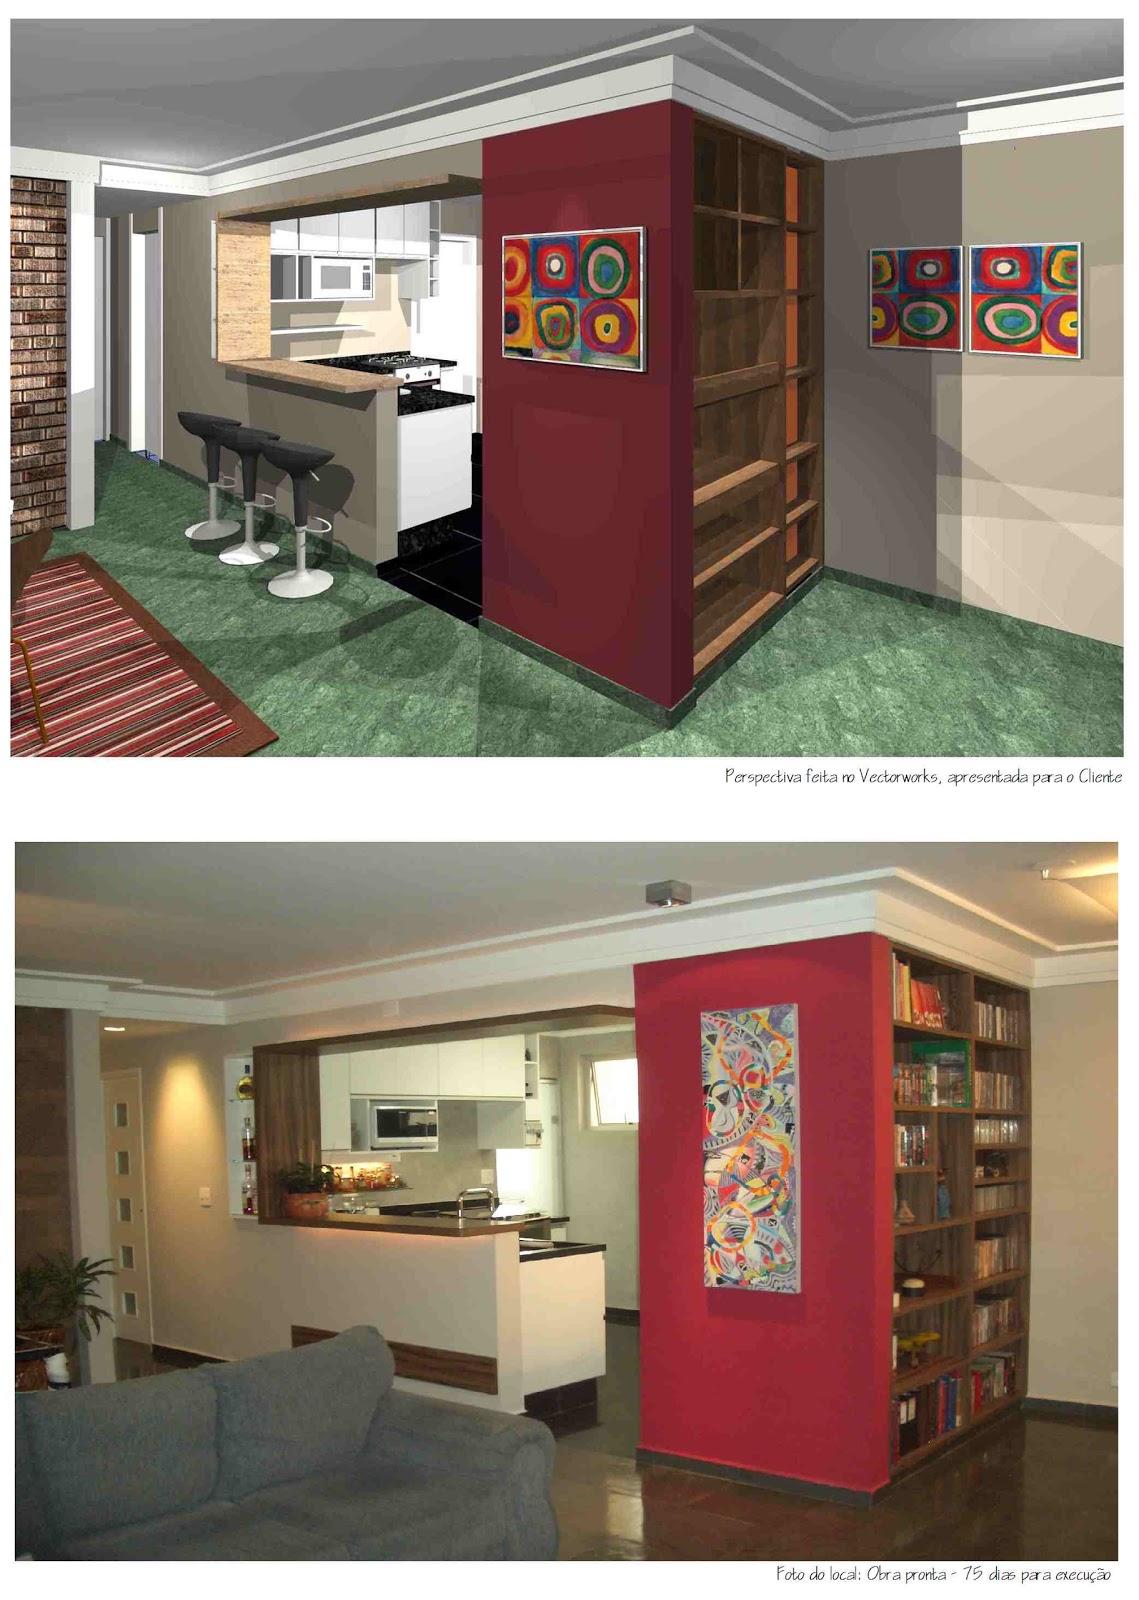 de obras: Projeto e execução de reforma de apartamento com cozinha #A02F2B 1139 1600